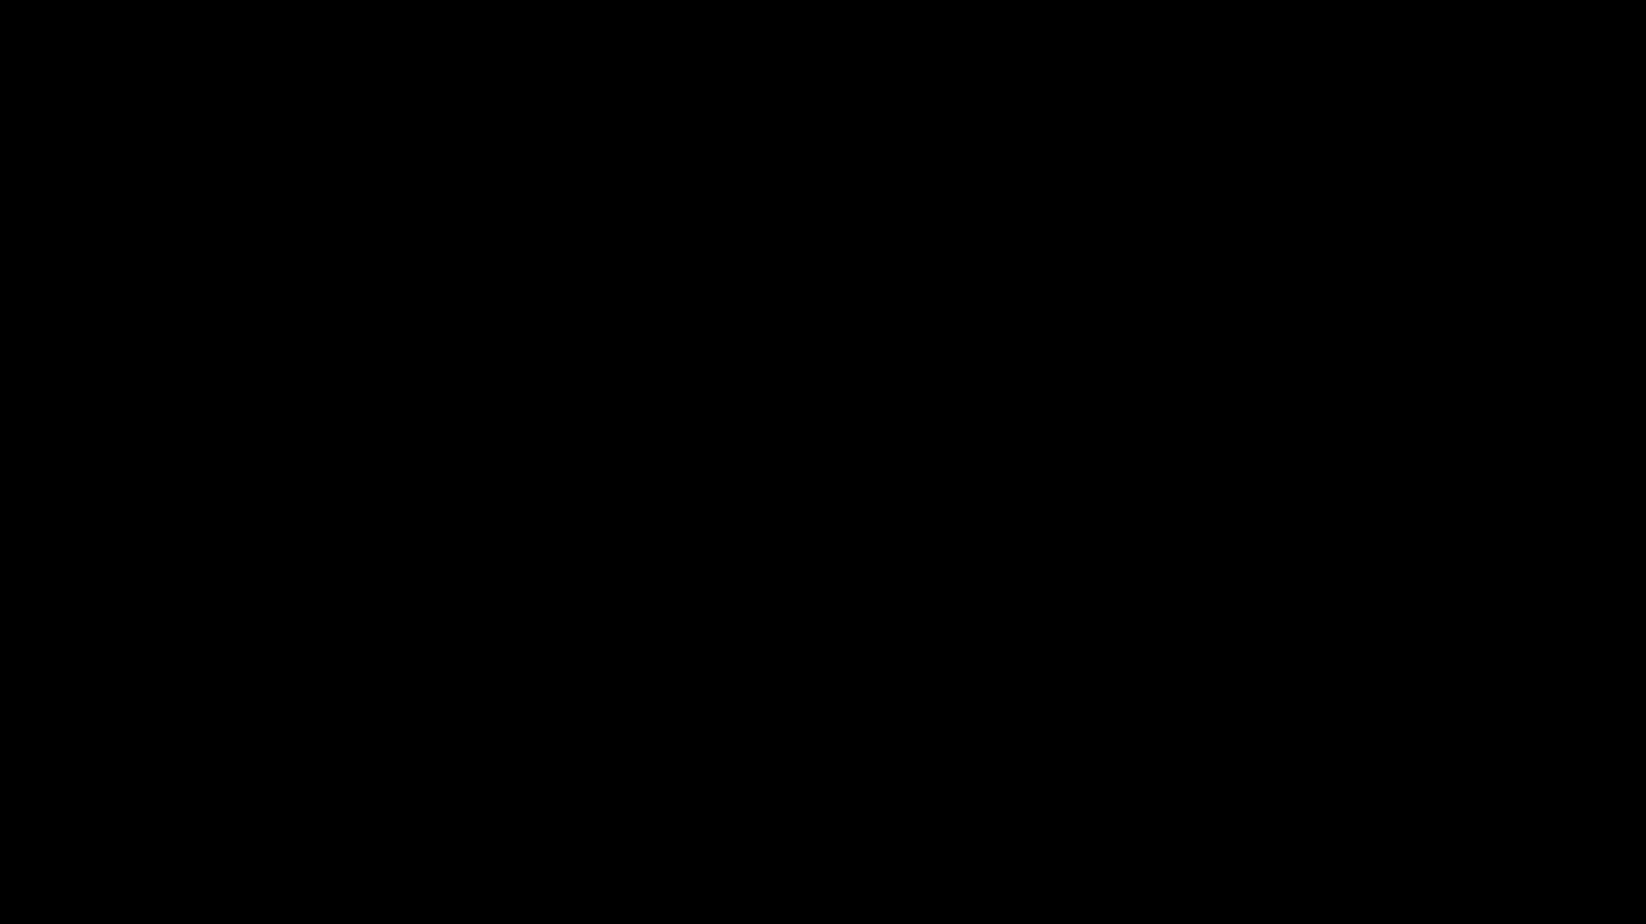 6-Azido-1-N-dansyl-d<sub>6</sub>-hexylamine